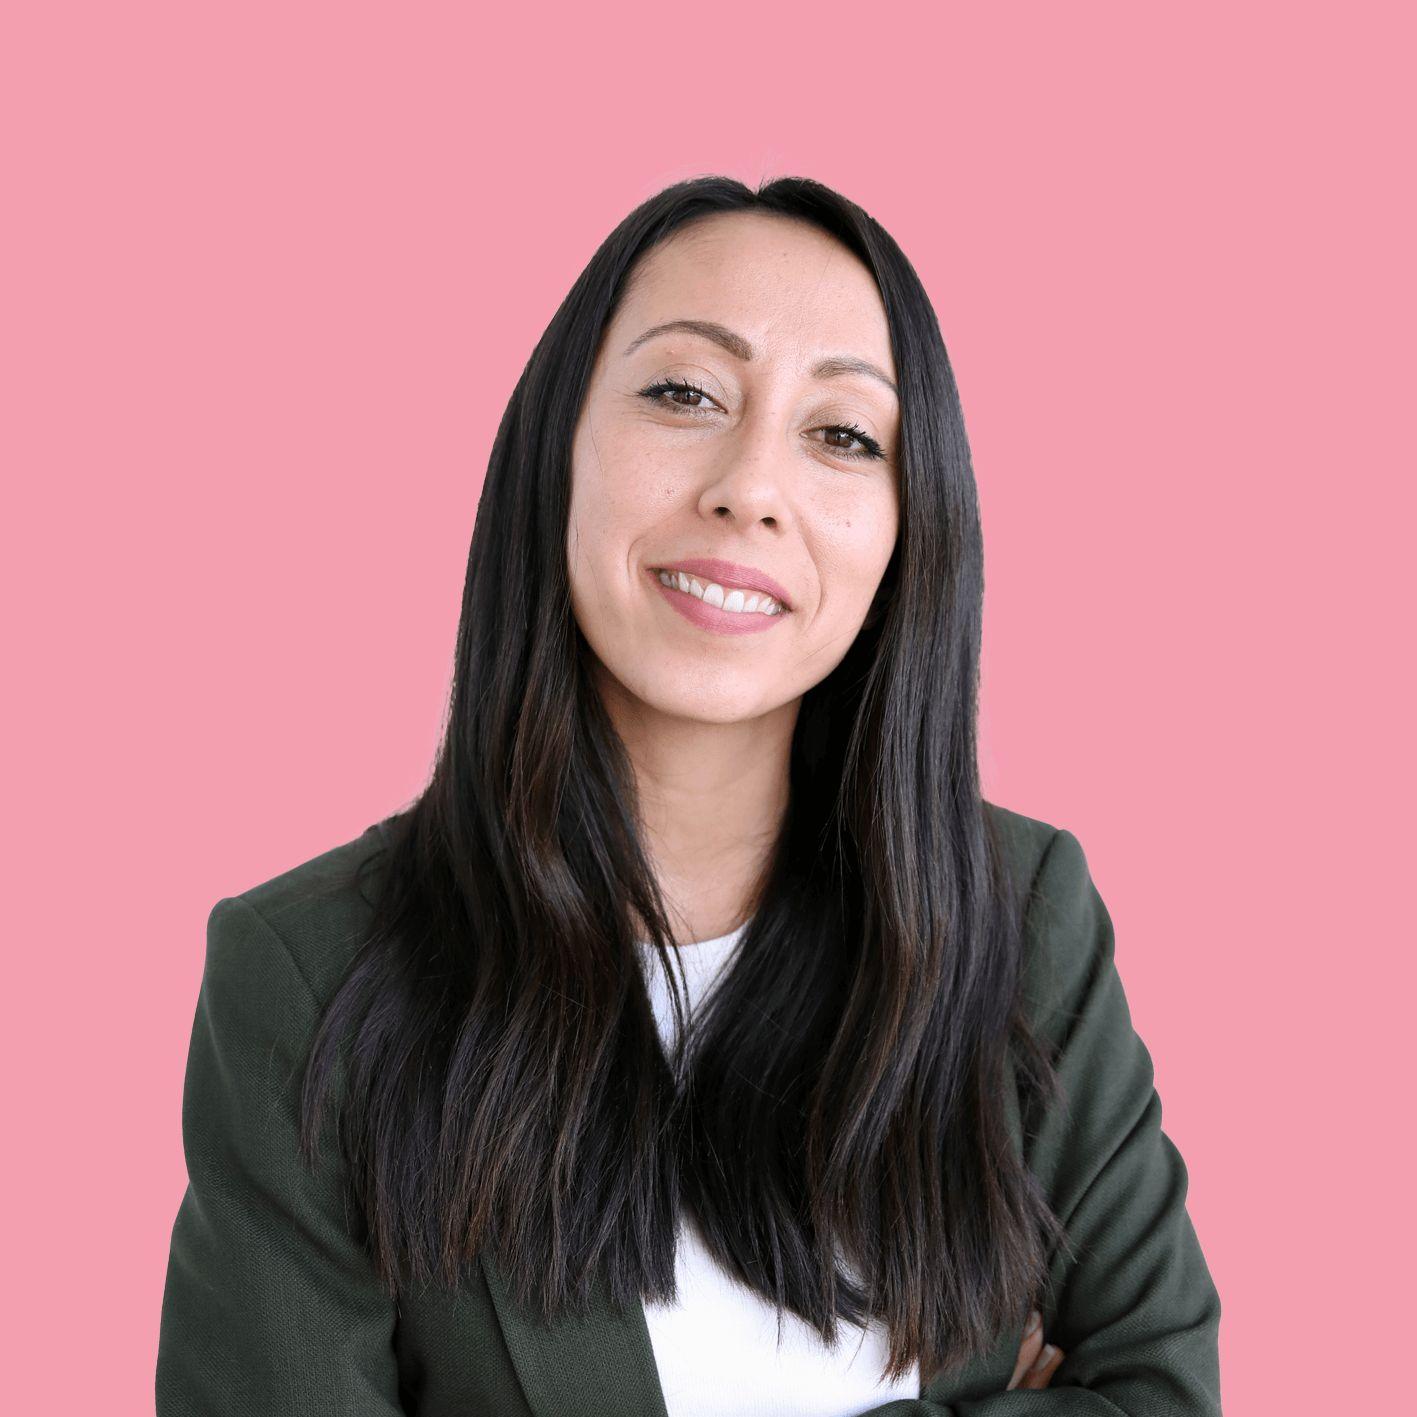 Anna Di Lascio